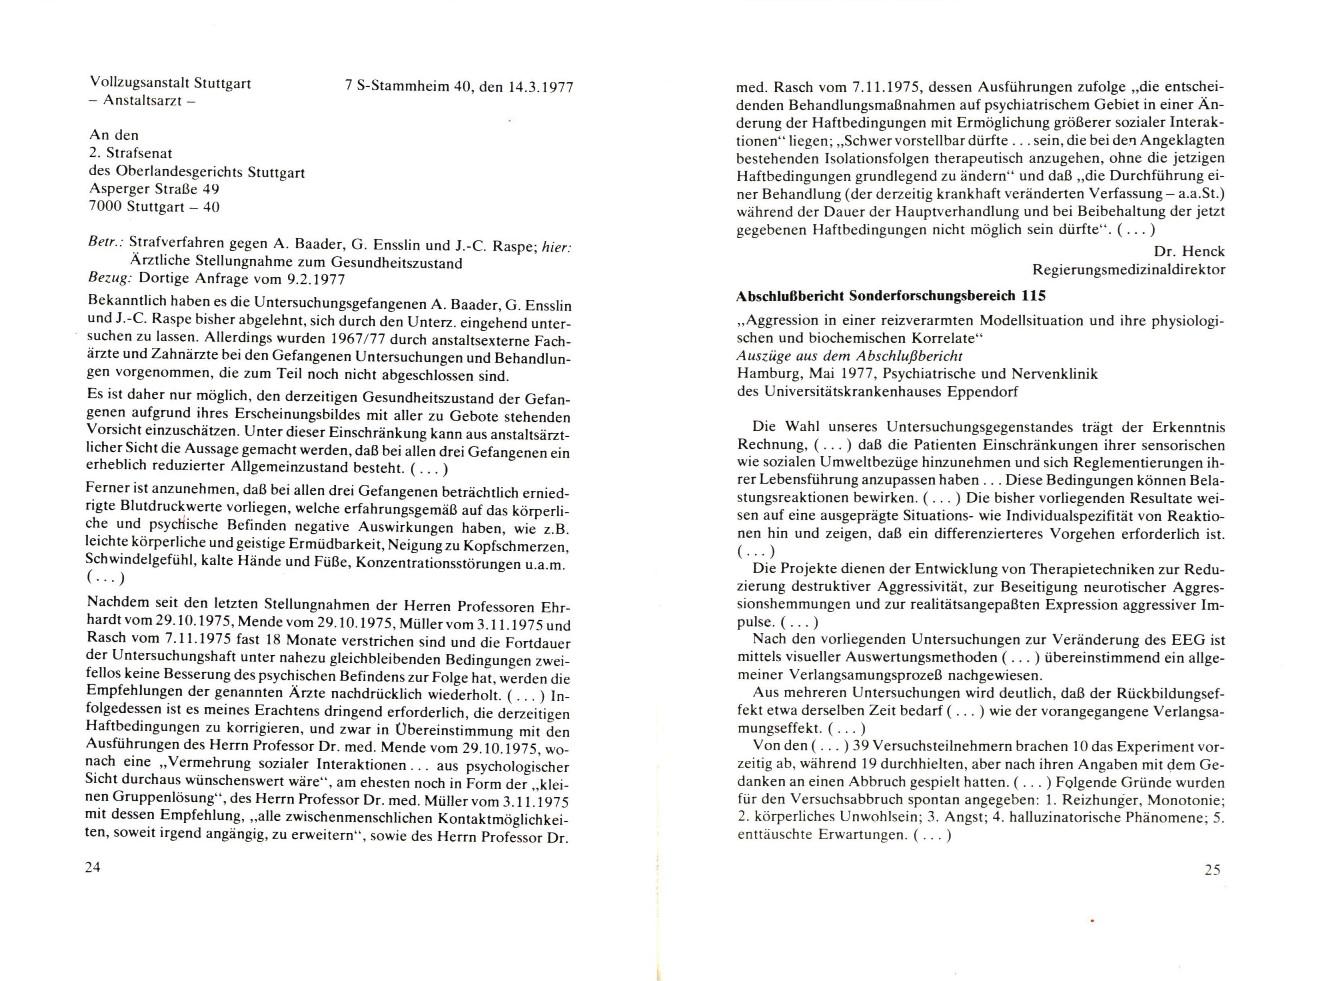 KBW_1977_Kontaktsperregesetz_13